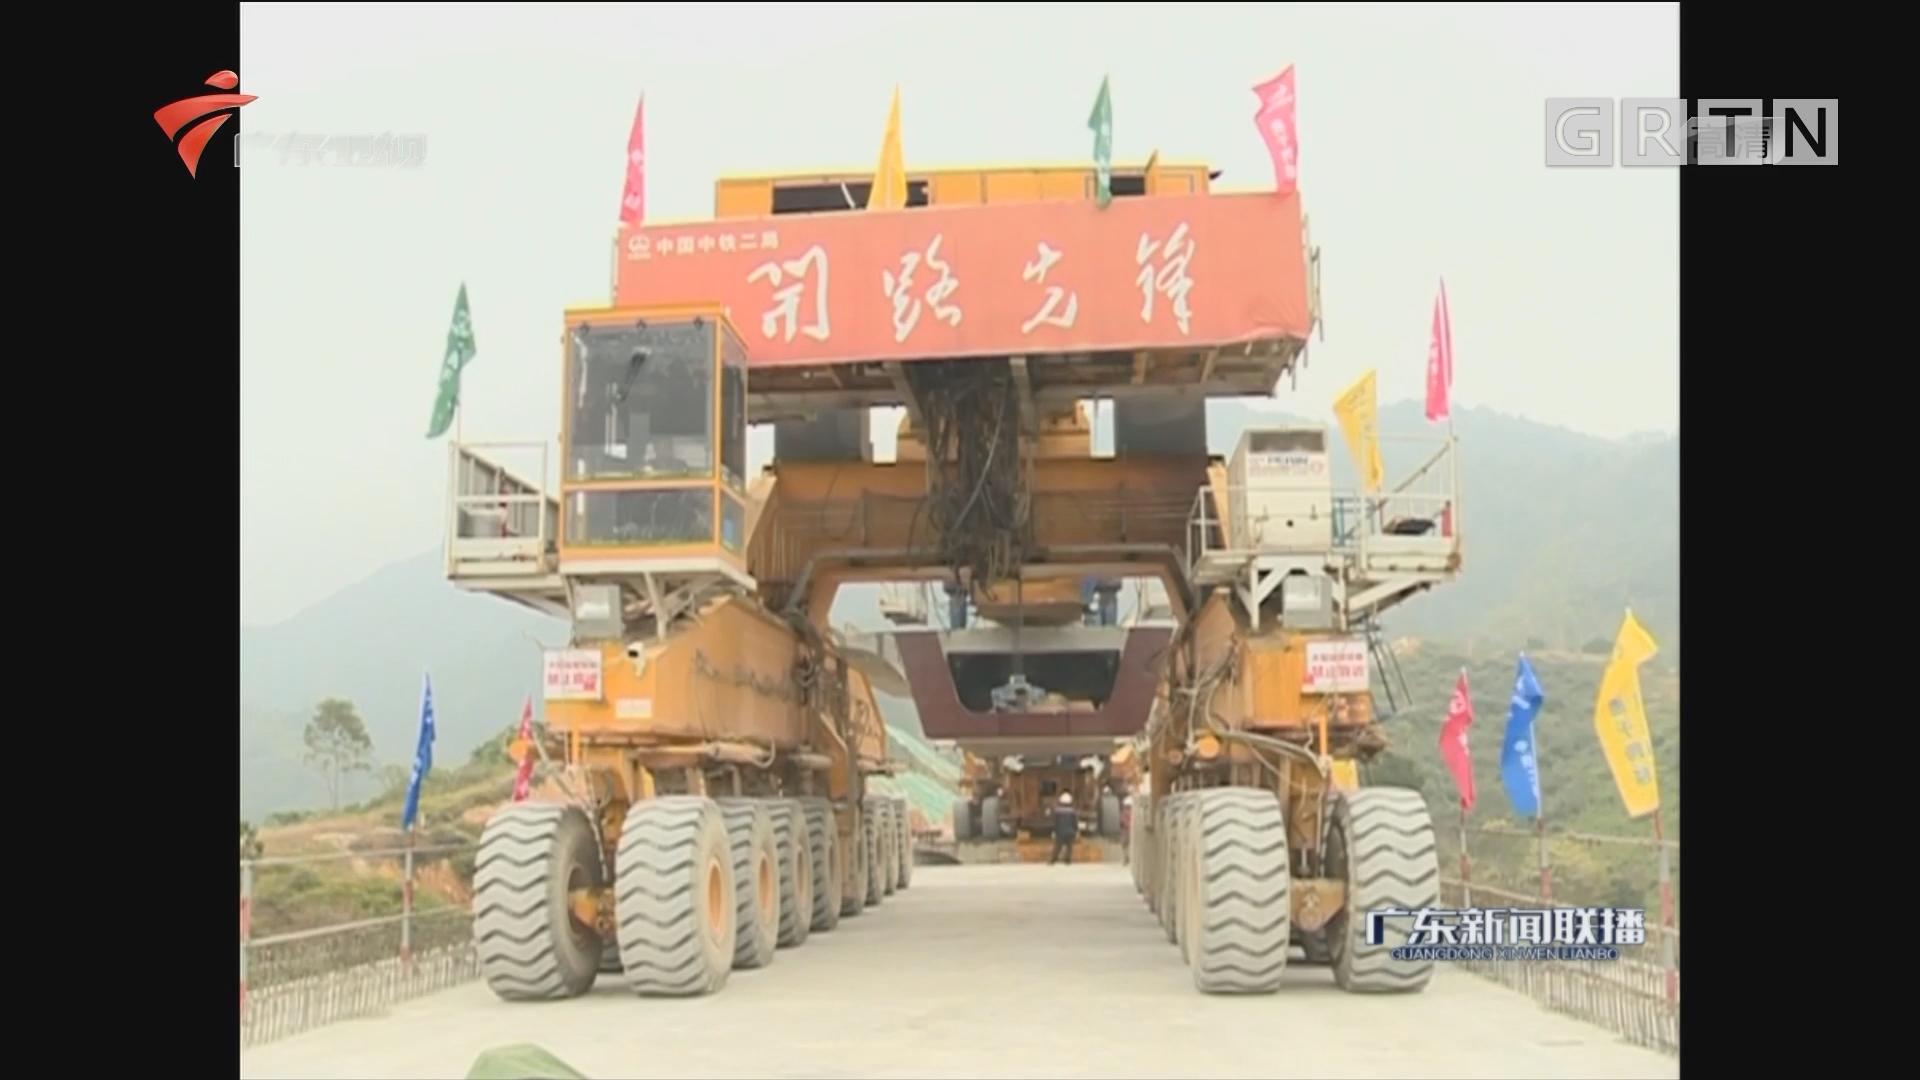 梅汕高铁丰顺段提前完成架梁施工任务